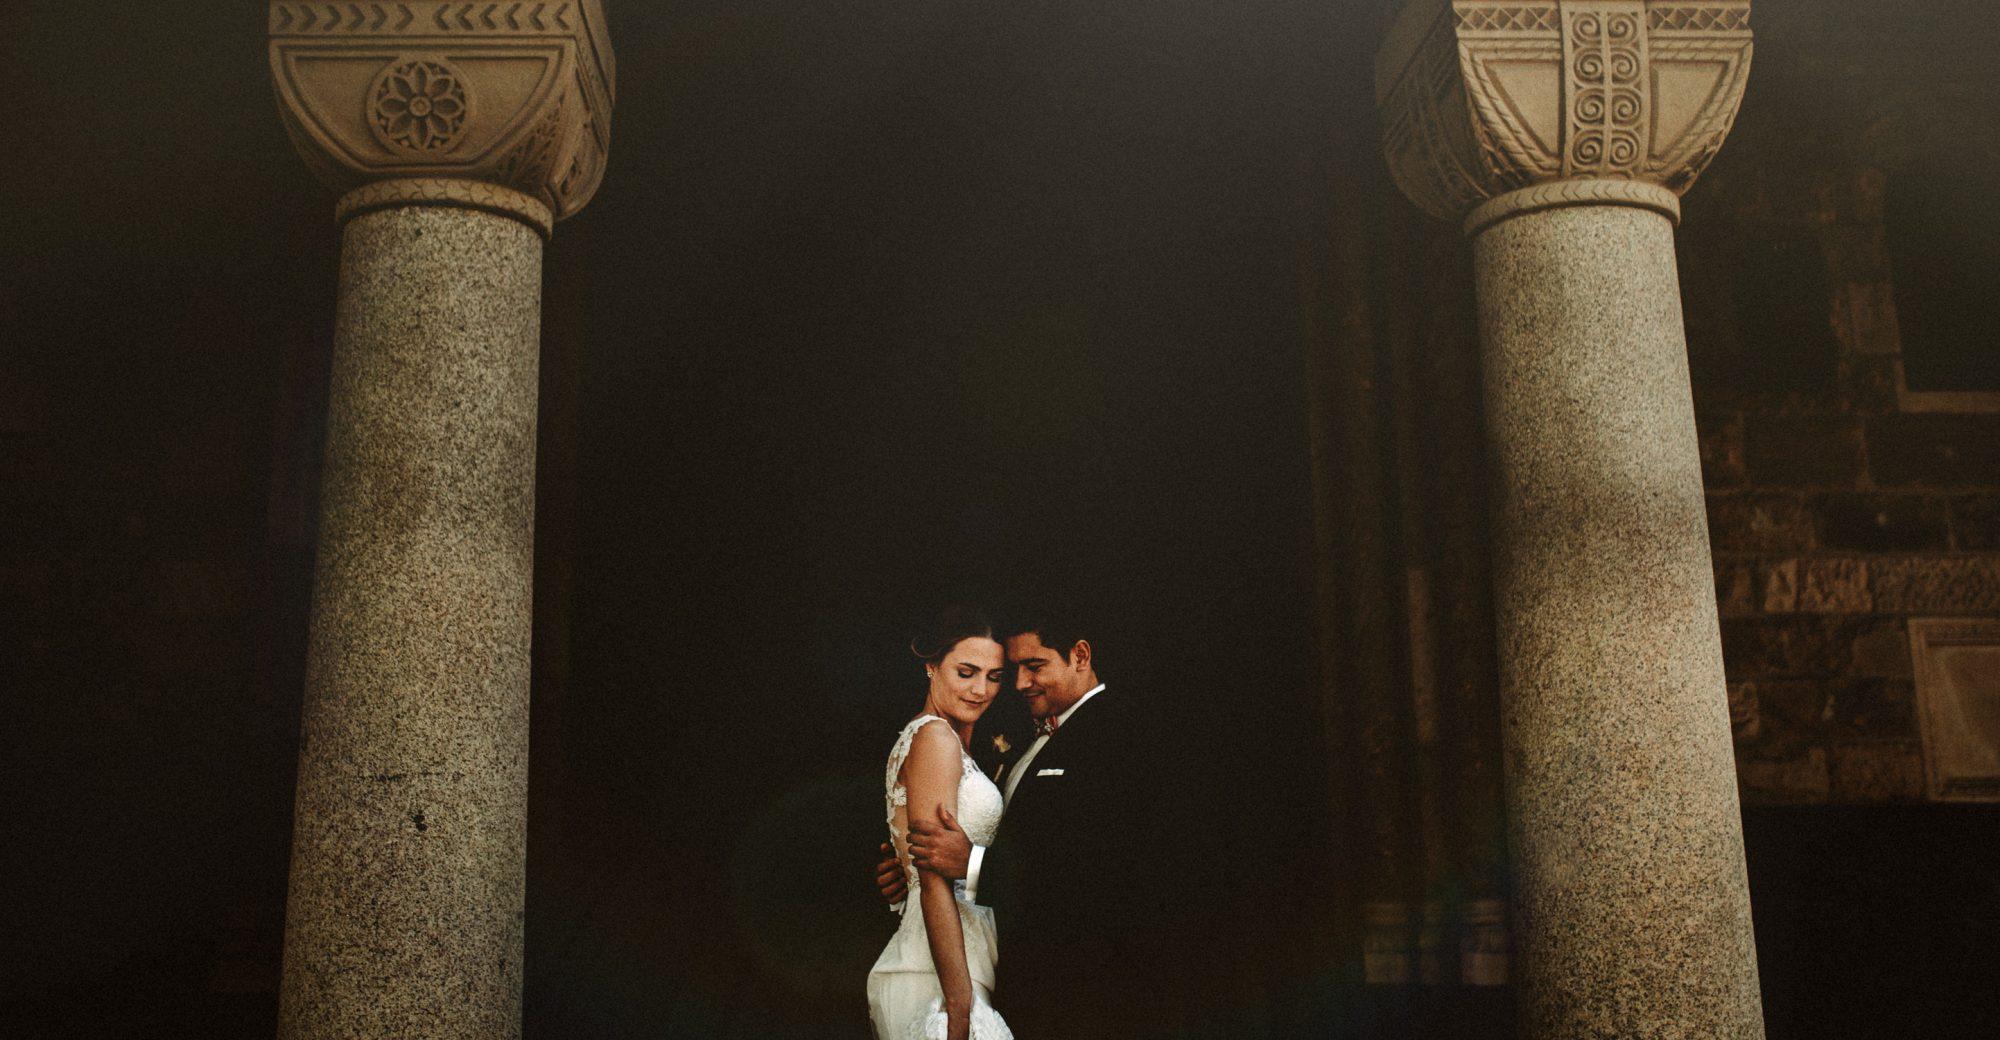 Alternativer Hochzeitsfotograf in Berlin und Köln